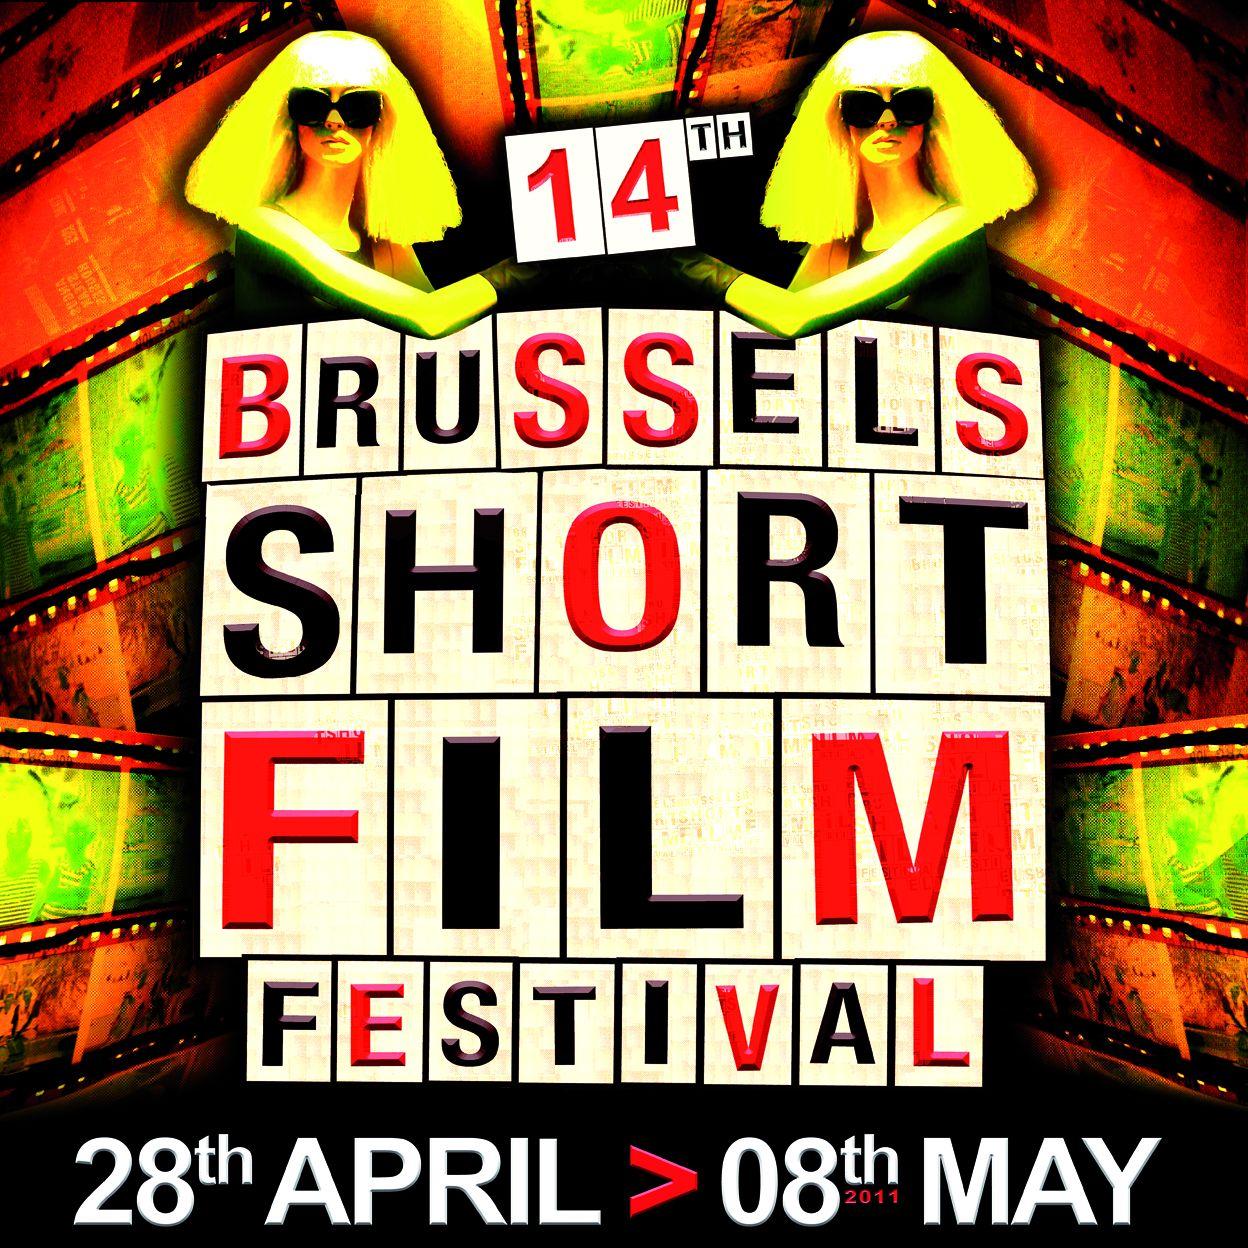 Brussels Short Film Festival 2011